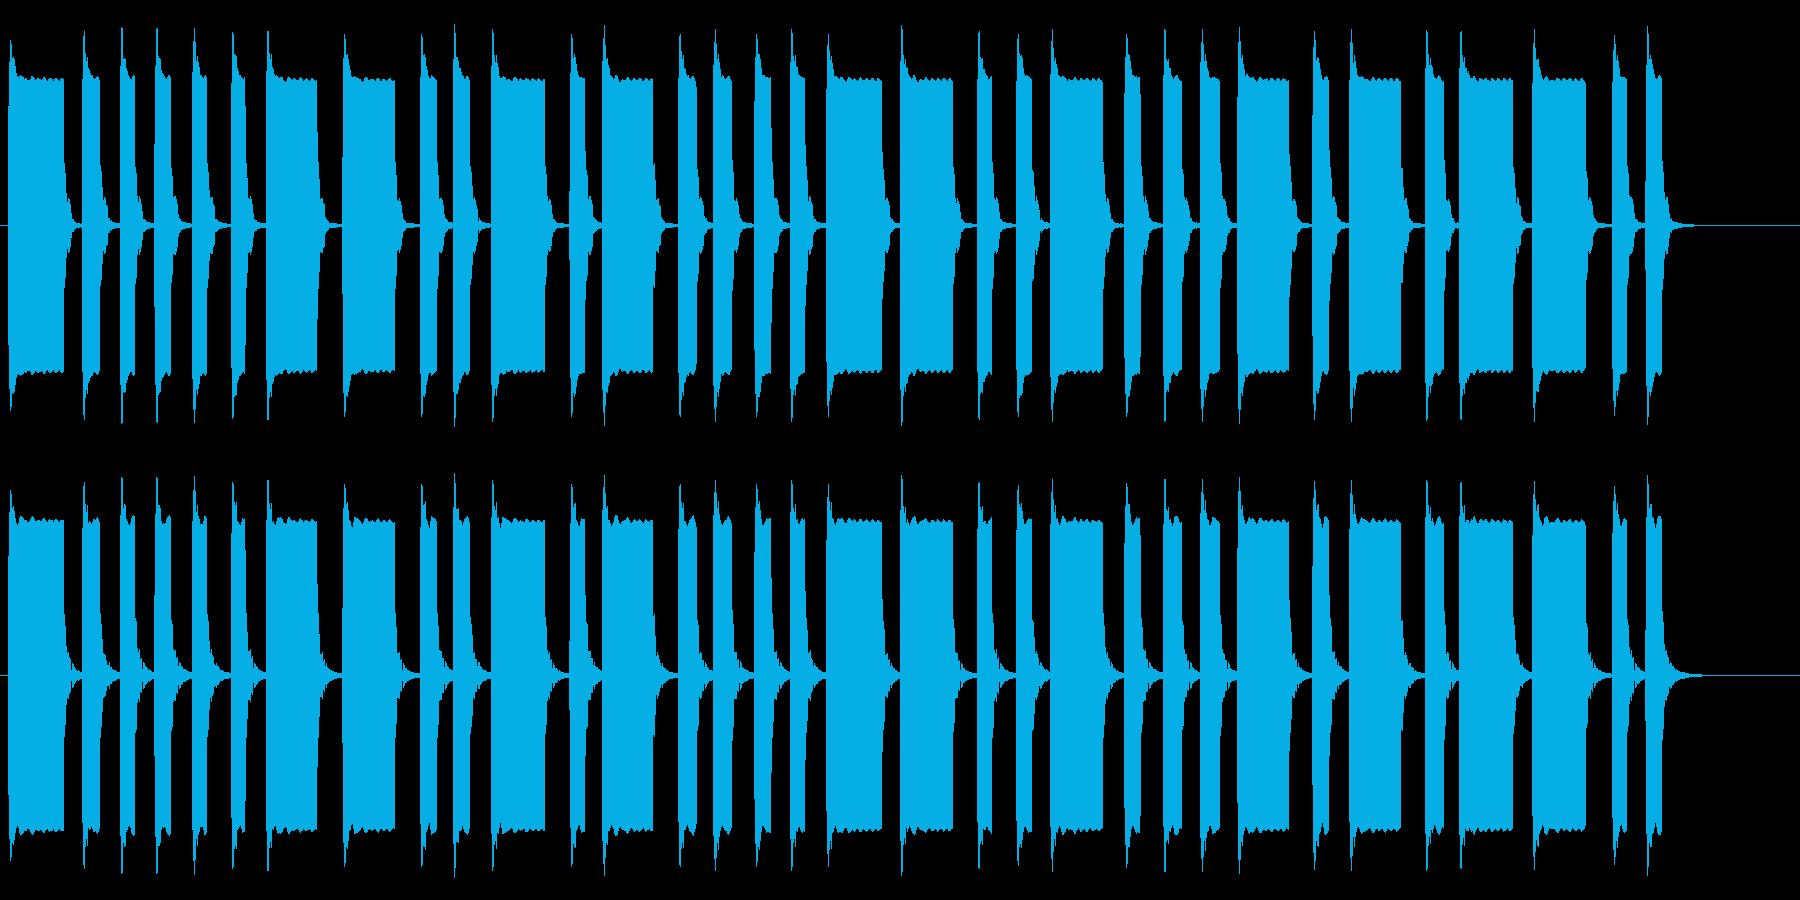 モールス信号 ぴ ぴー ピー ピ ピ…の再生済みの波形